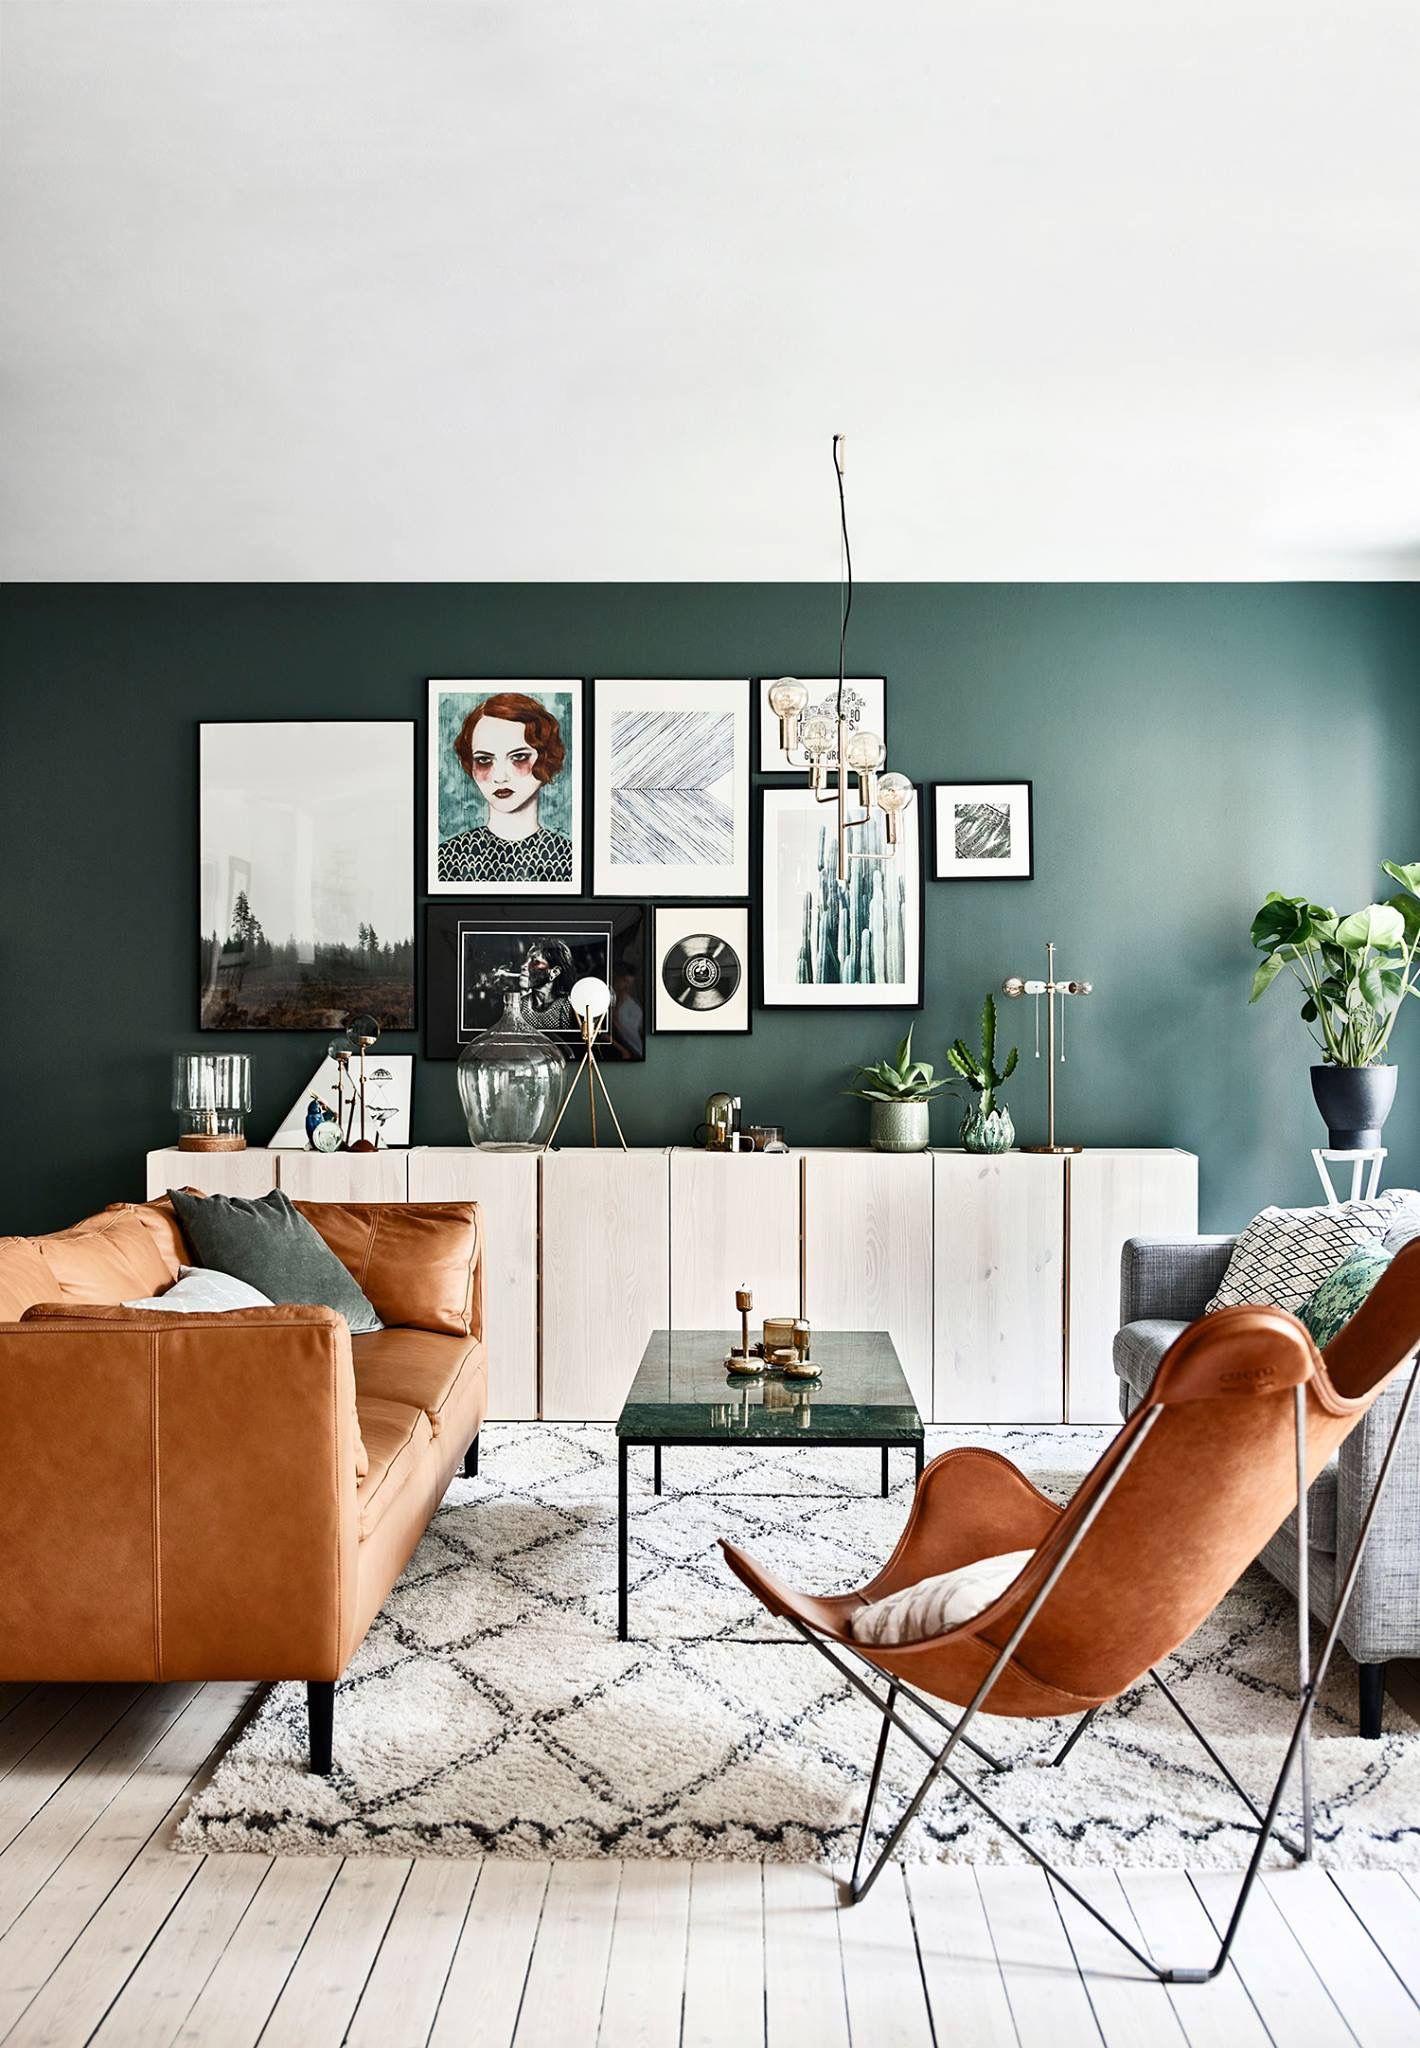 interieur donkergroen oranje en wit, warme kleurencombinatie | Home ...